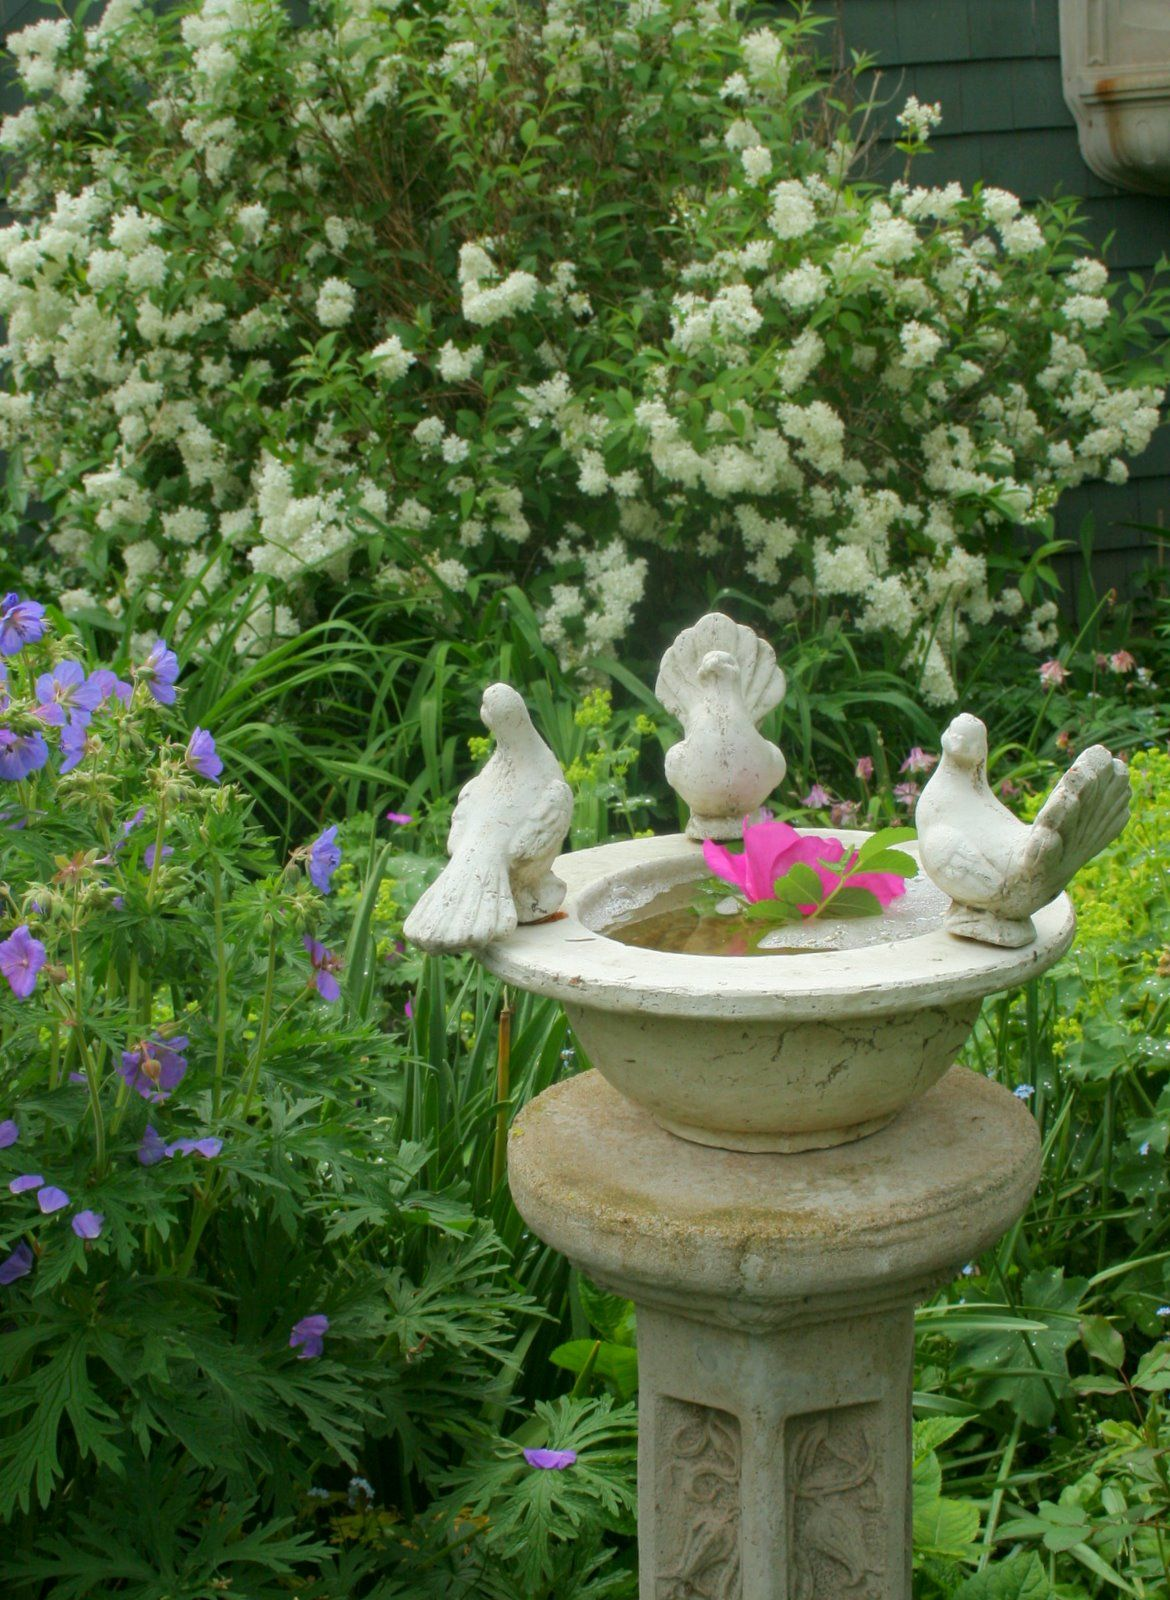 Pin de emeterio mantecon siller en gardens jardiner a jard n hierbas arom ticas y plantas jardin - Jardin de aromaticas ...